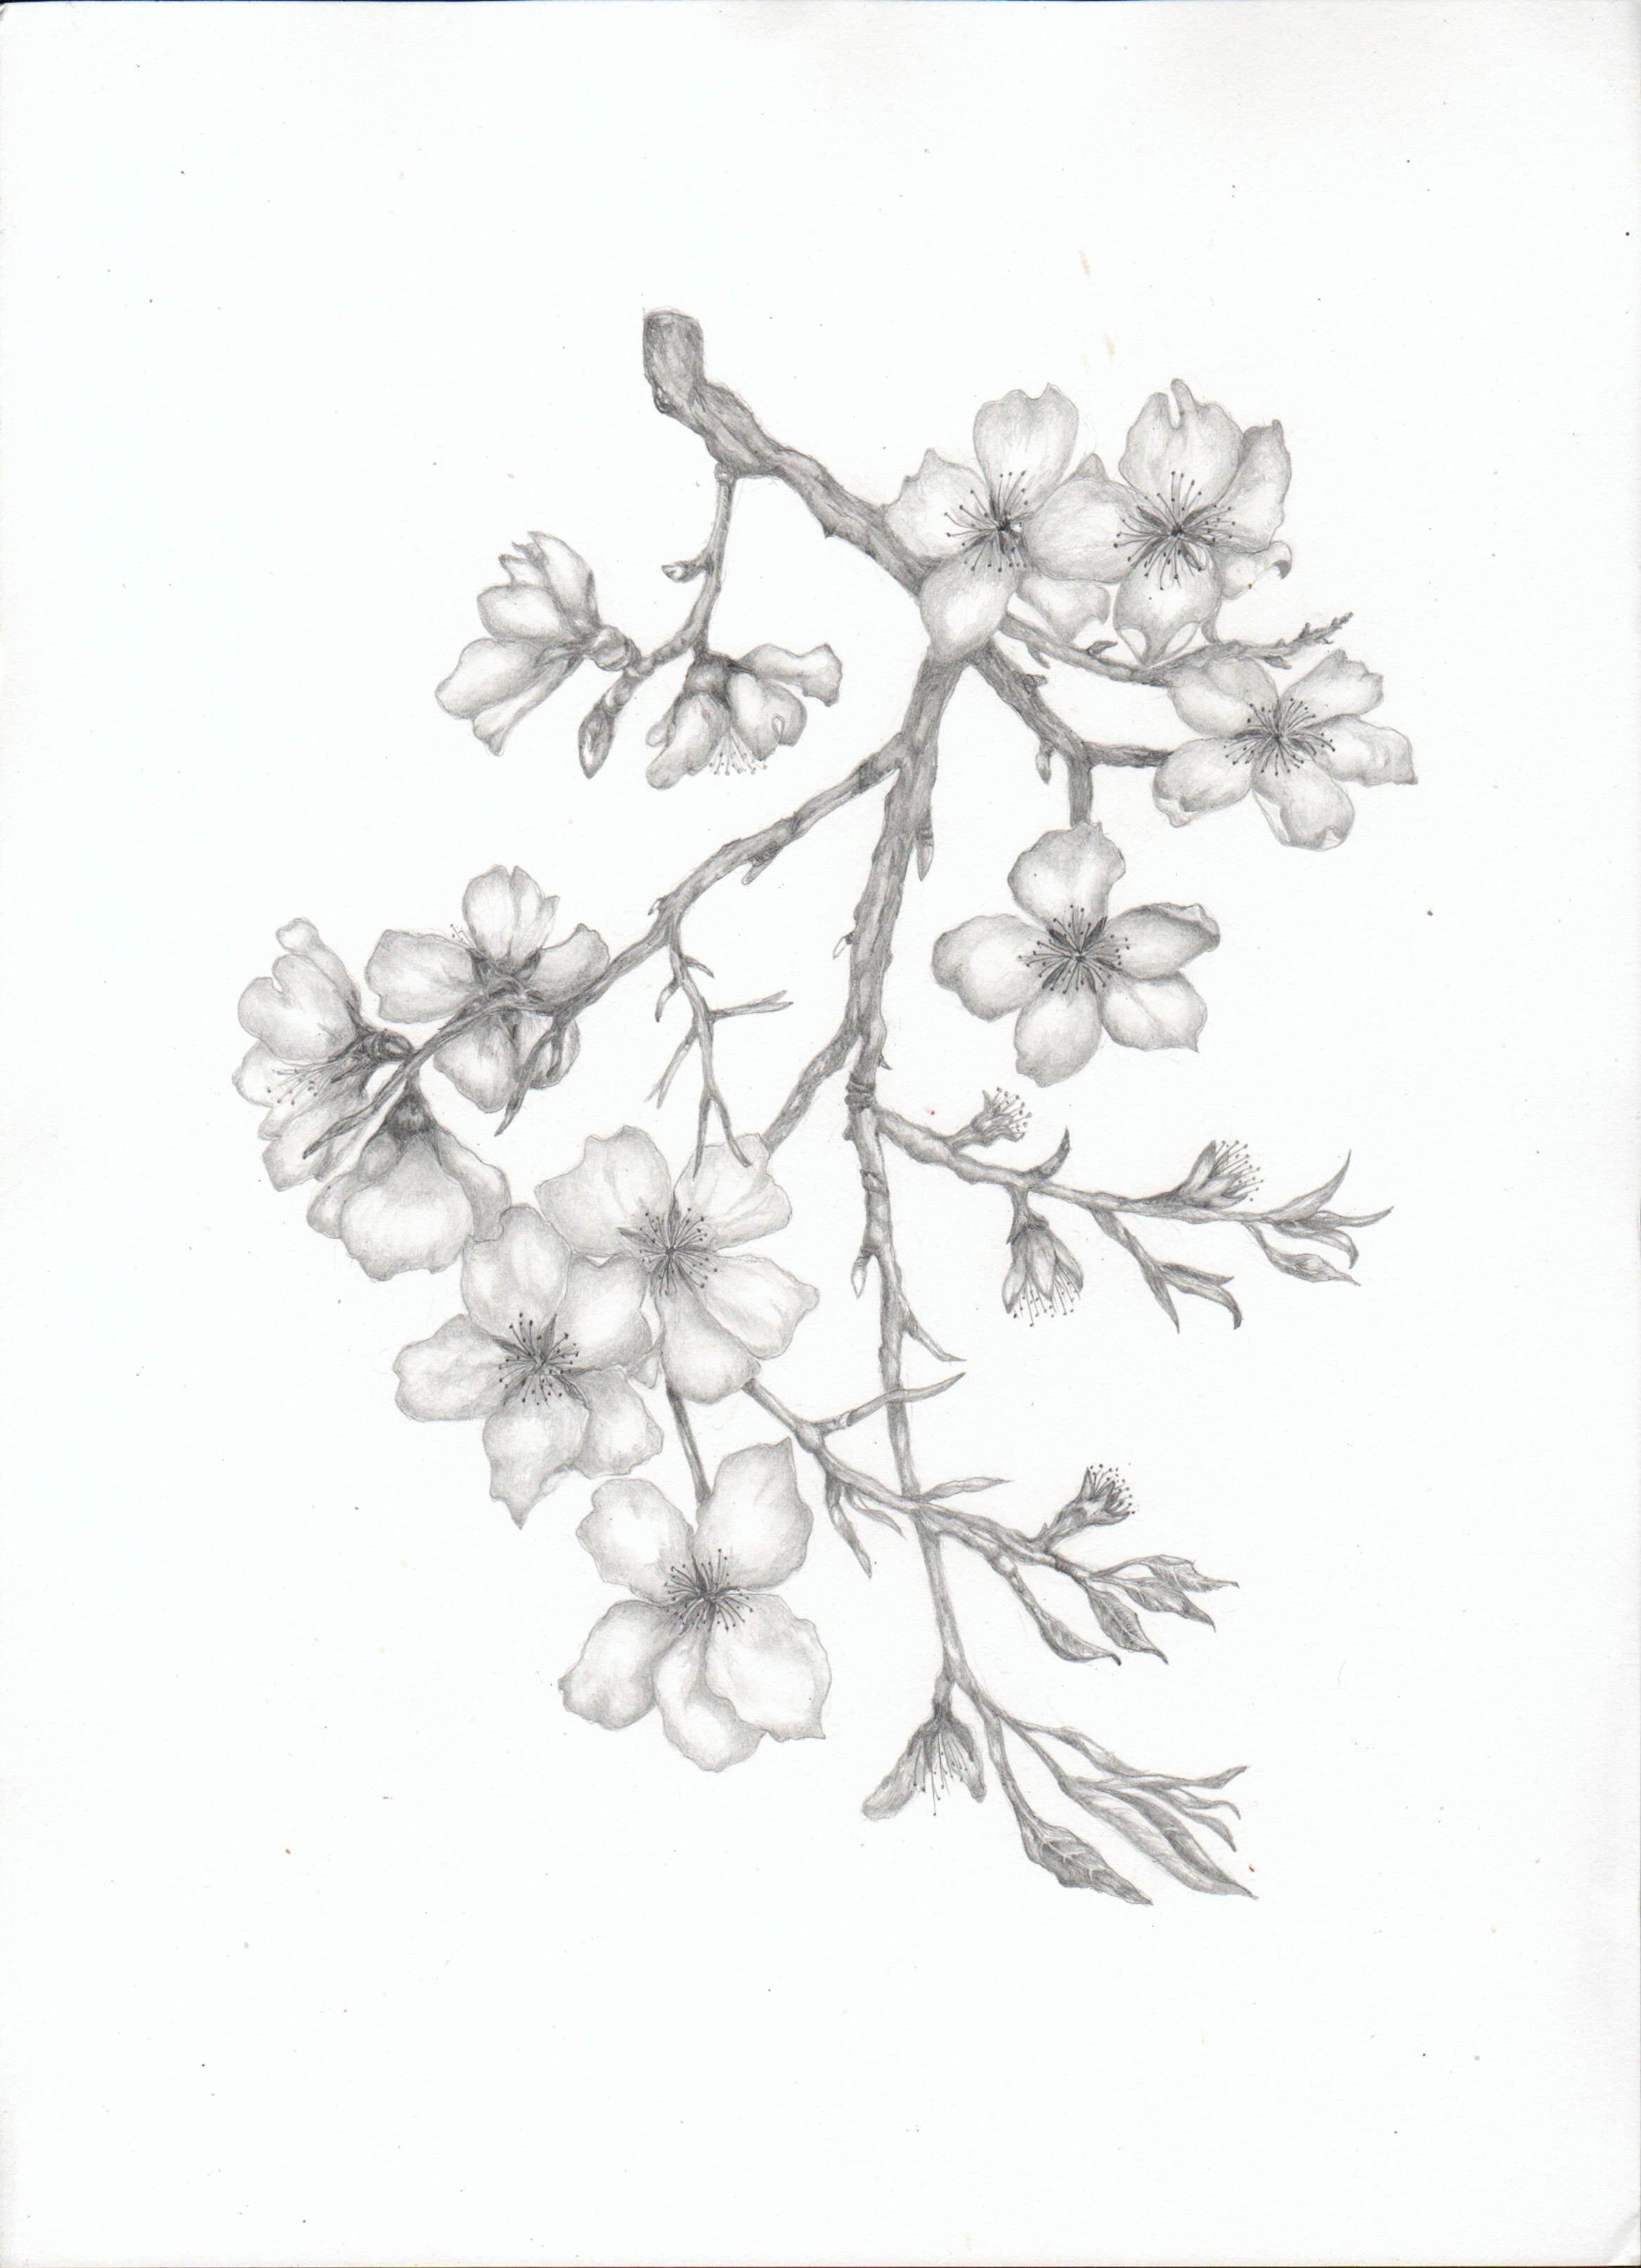 2335x3227 Almond Blossom Branch Tats Almonds, Tattoo And Tatting